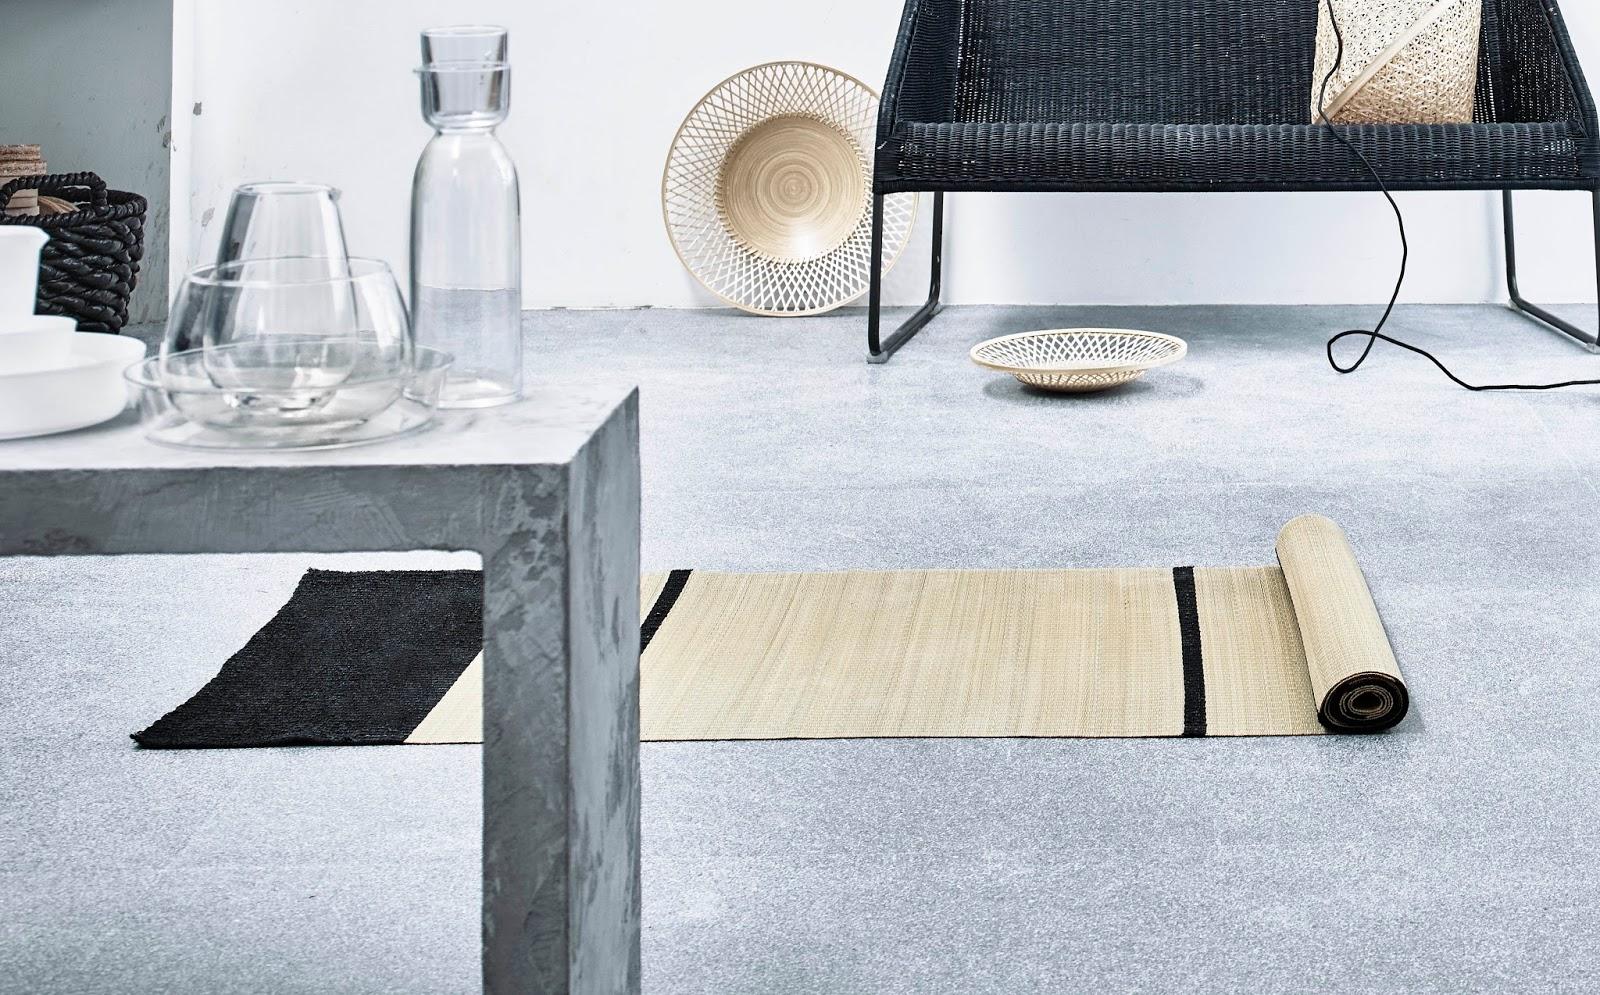 Berber Tapijt Ikea : Vintage tapijten ikea